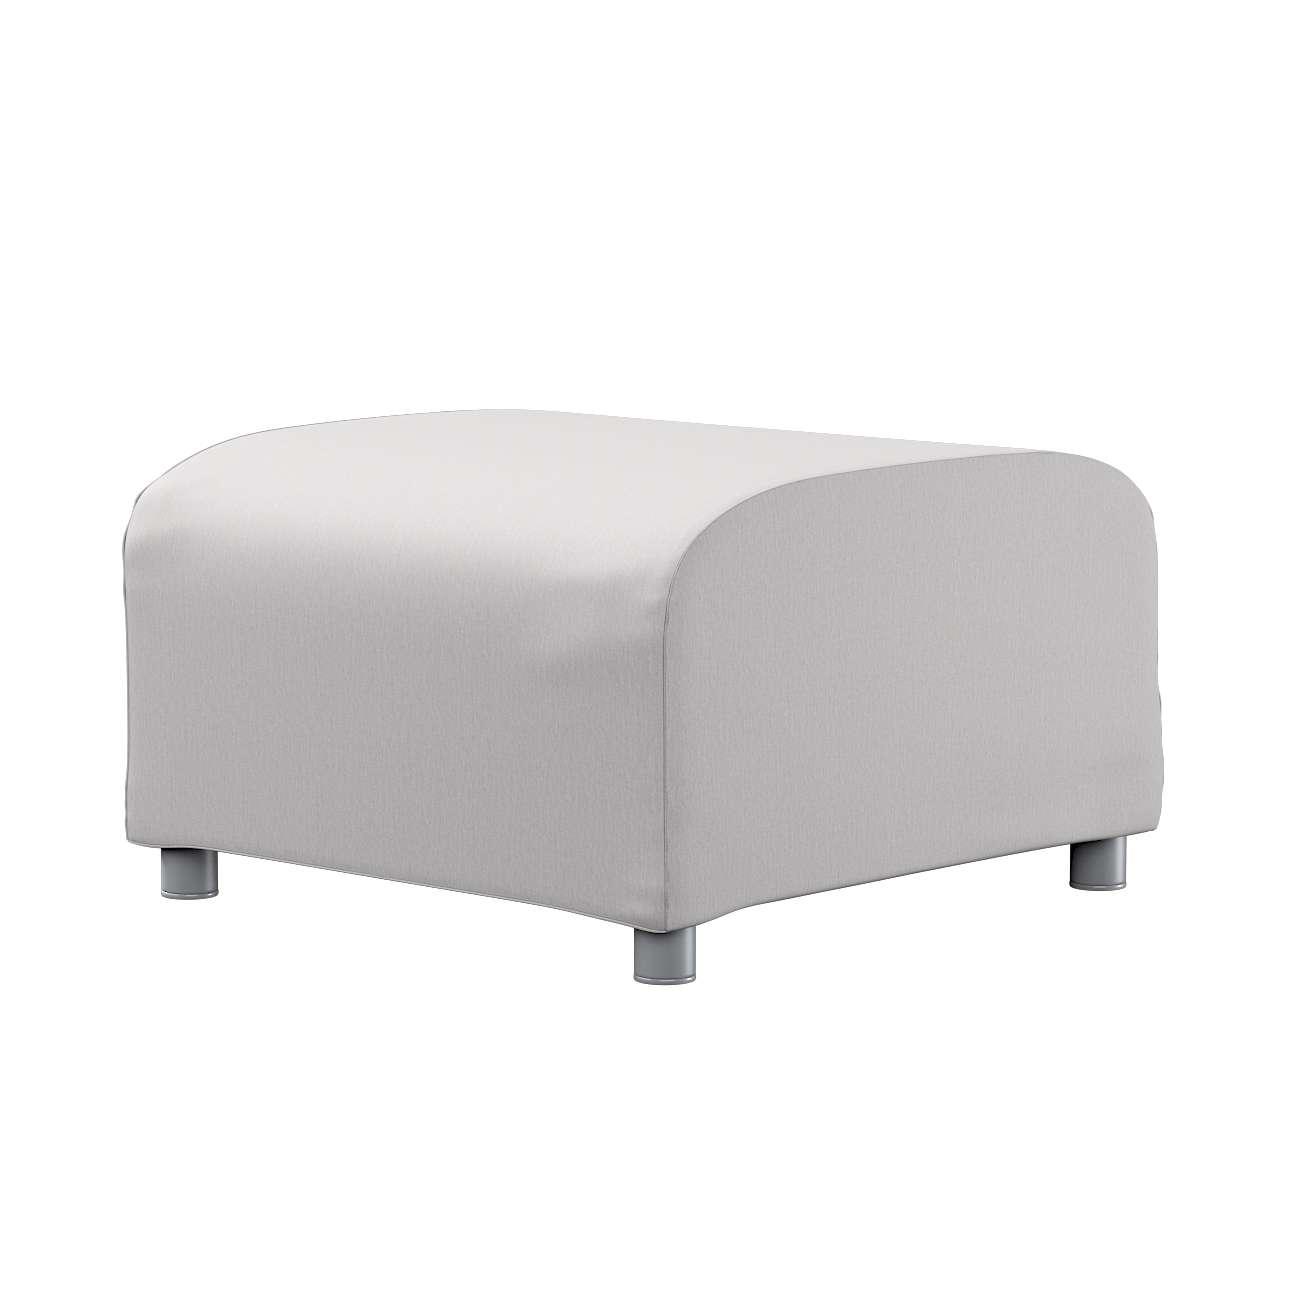 KLIPPAN pufo užvalkalas Klippan footstool cover kolekcijoje Chenille, audinys: 702-23